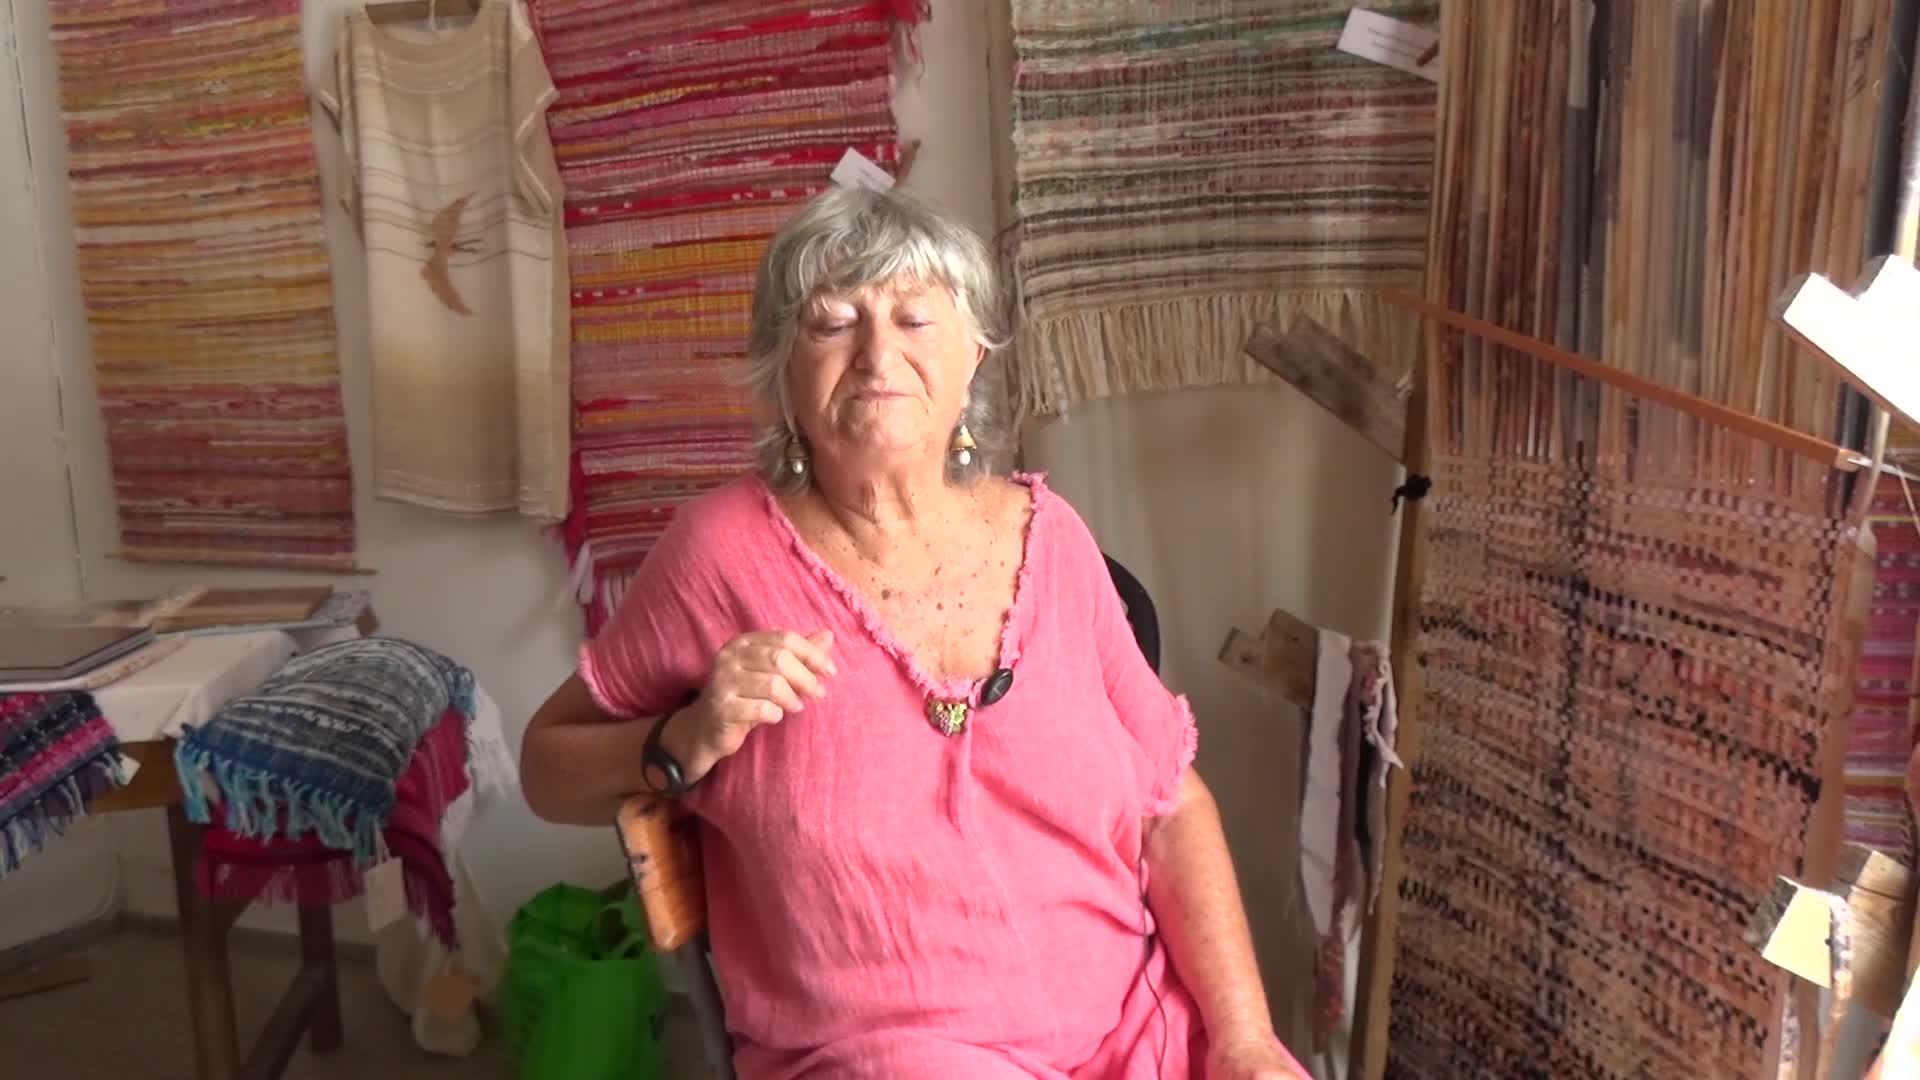 Artisanat et Préservation : Michele Sayanoff artiste itsserande expose ses créations chez Zeles à St Louis